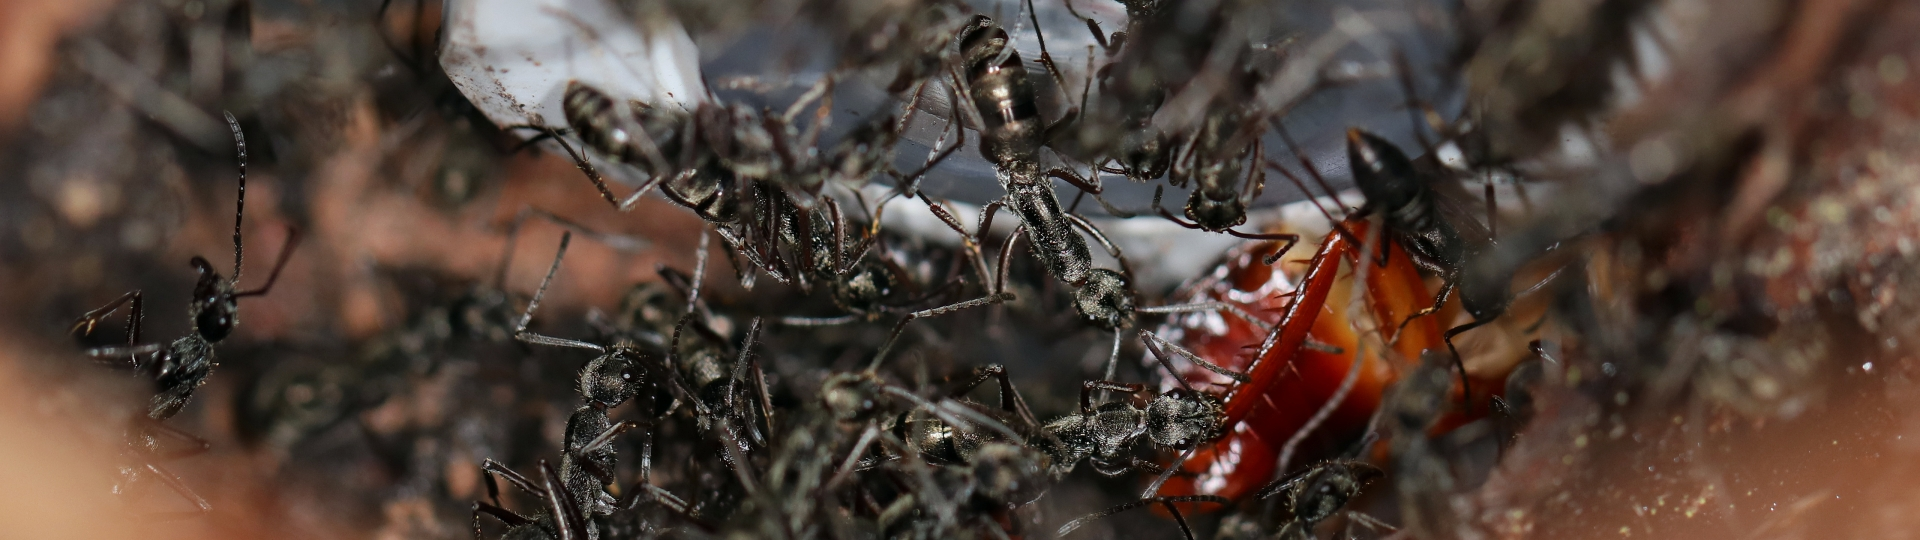 Diacamma cf. rugosum 43 mehrere Arbeiterinnen beim Einbringen von Beute 05